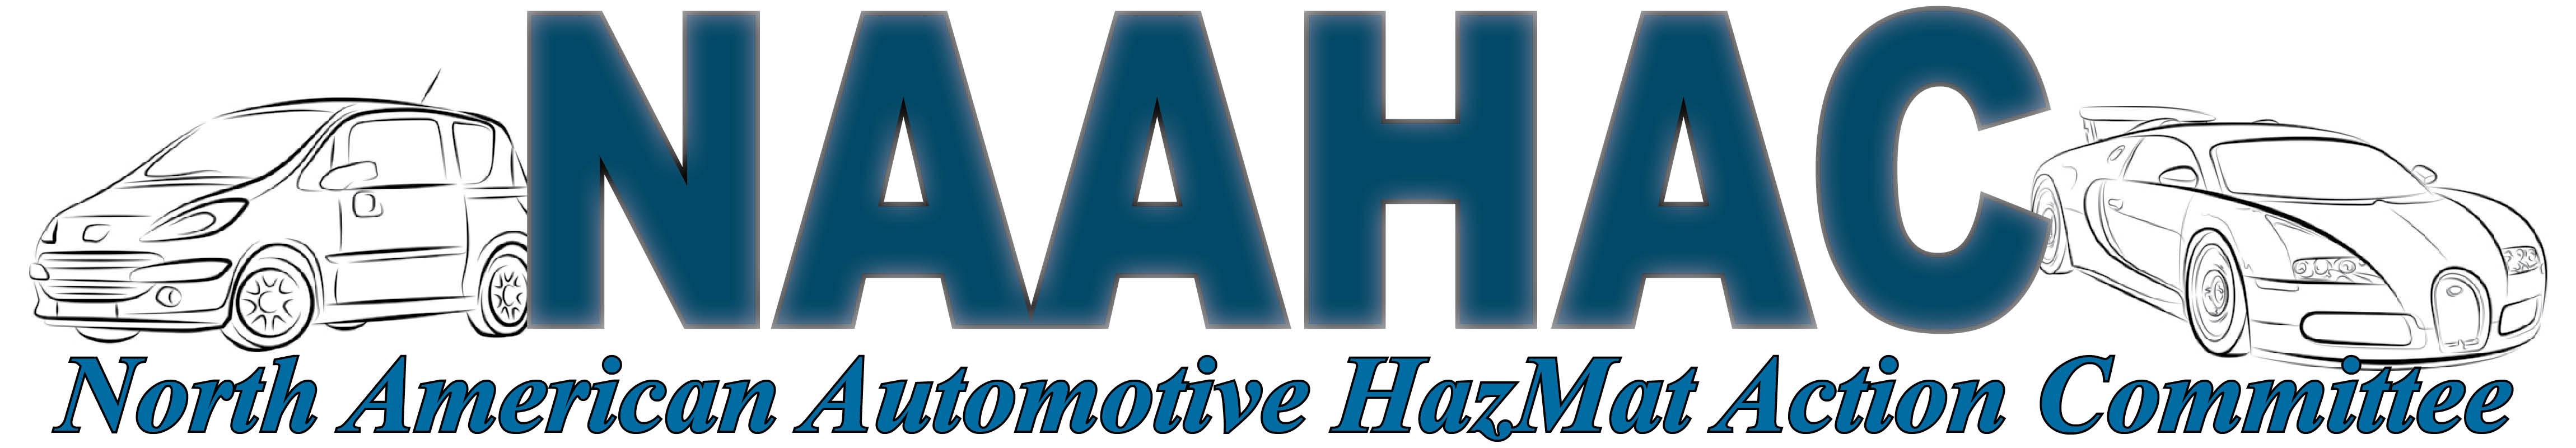 Uploaded Image: /uploads/images/NAAHAC Logo.jpg